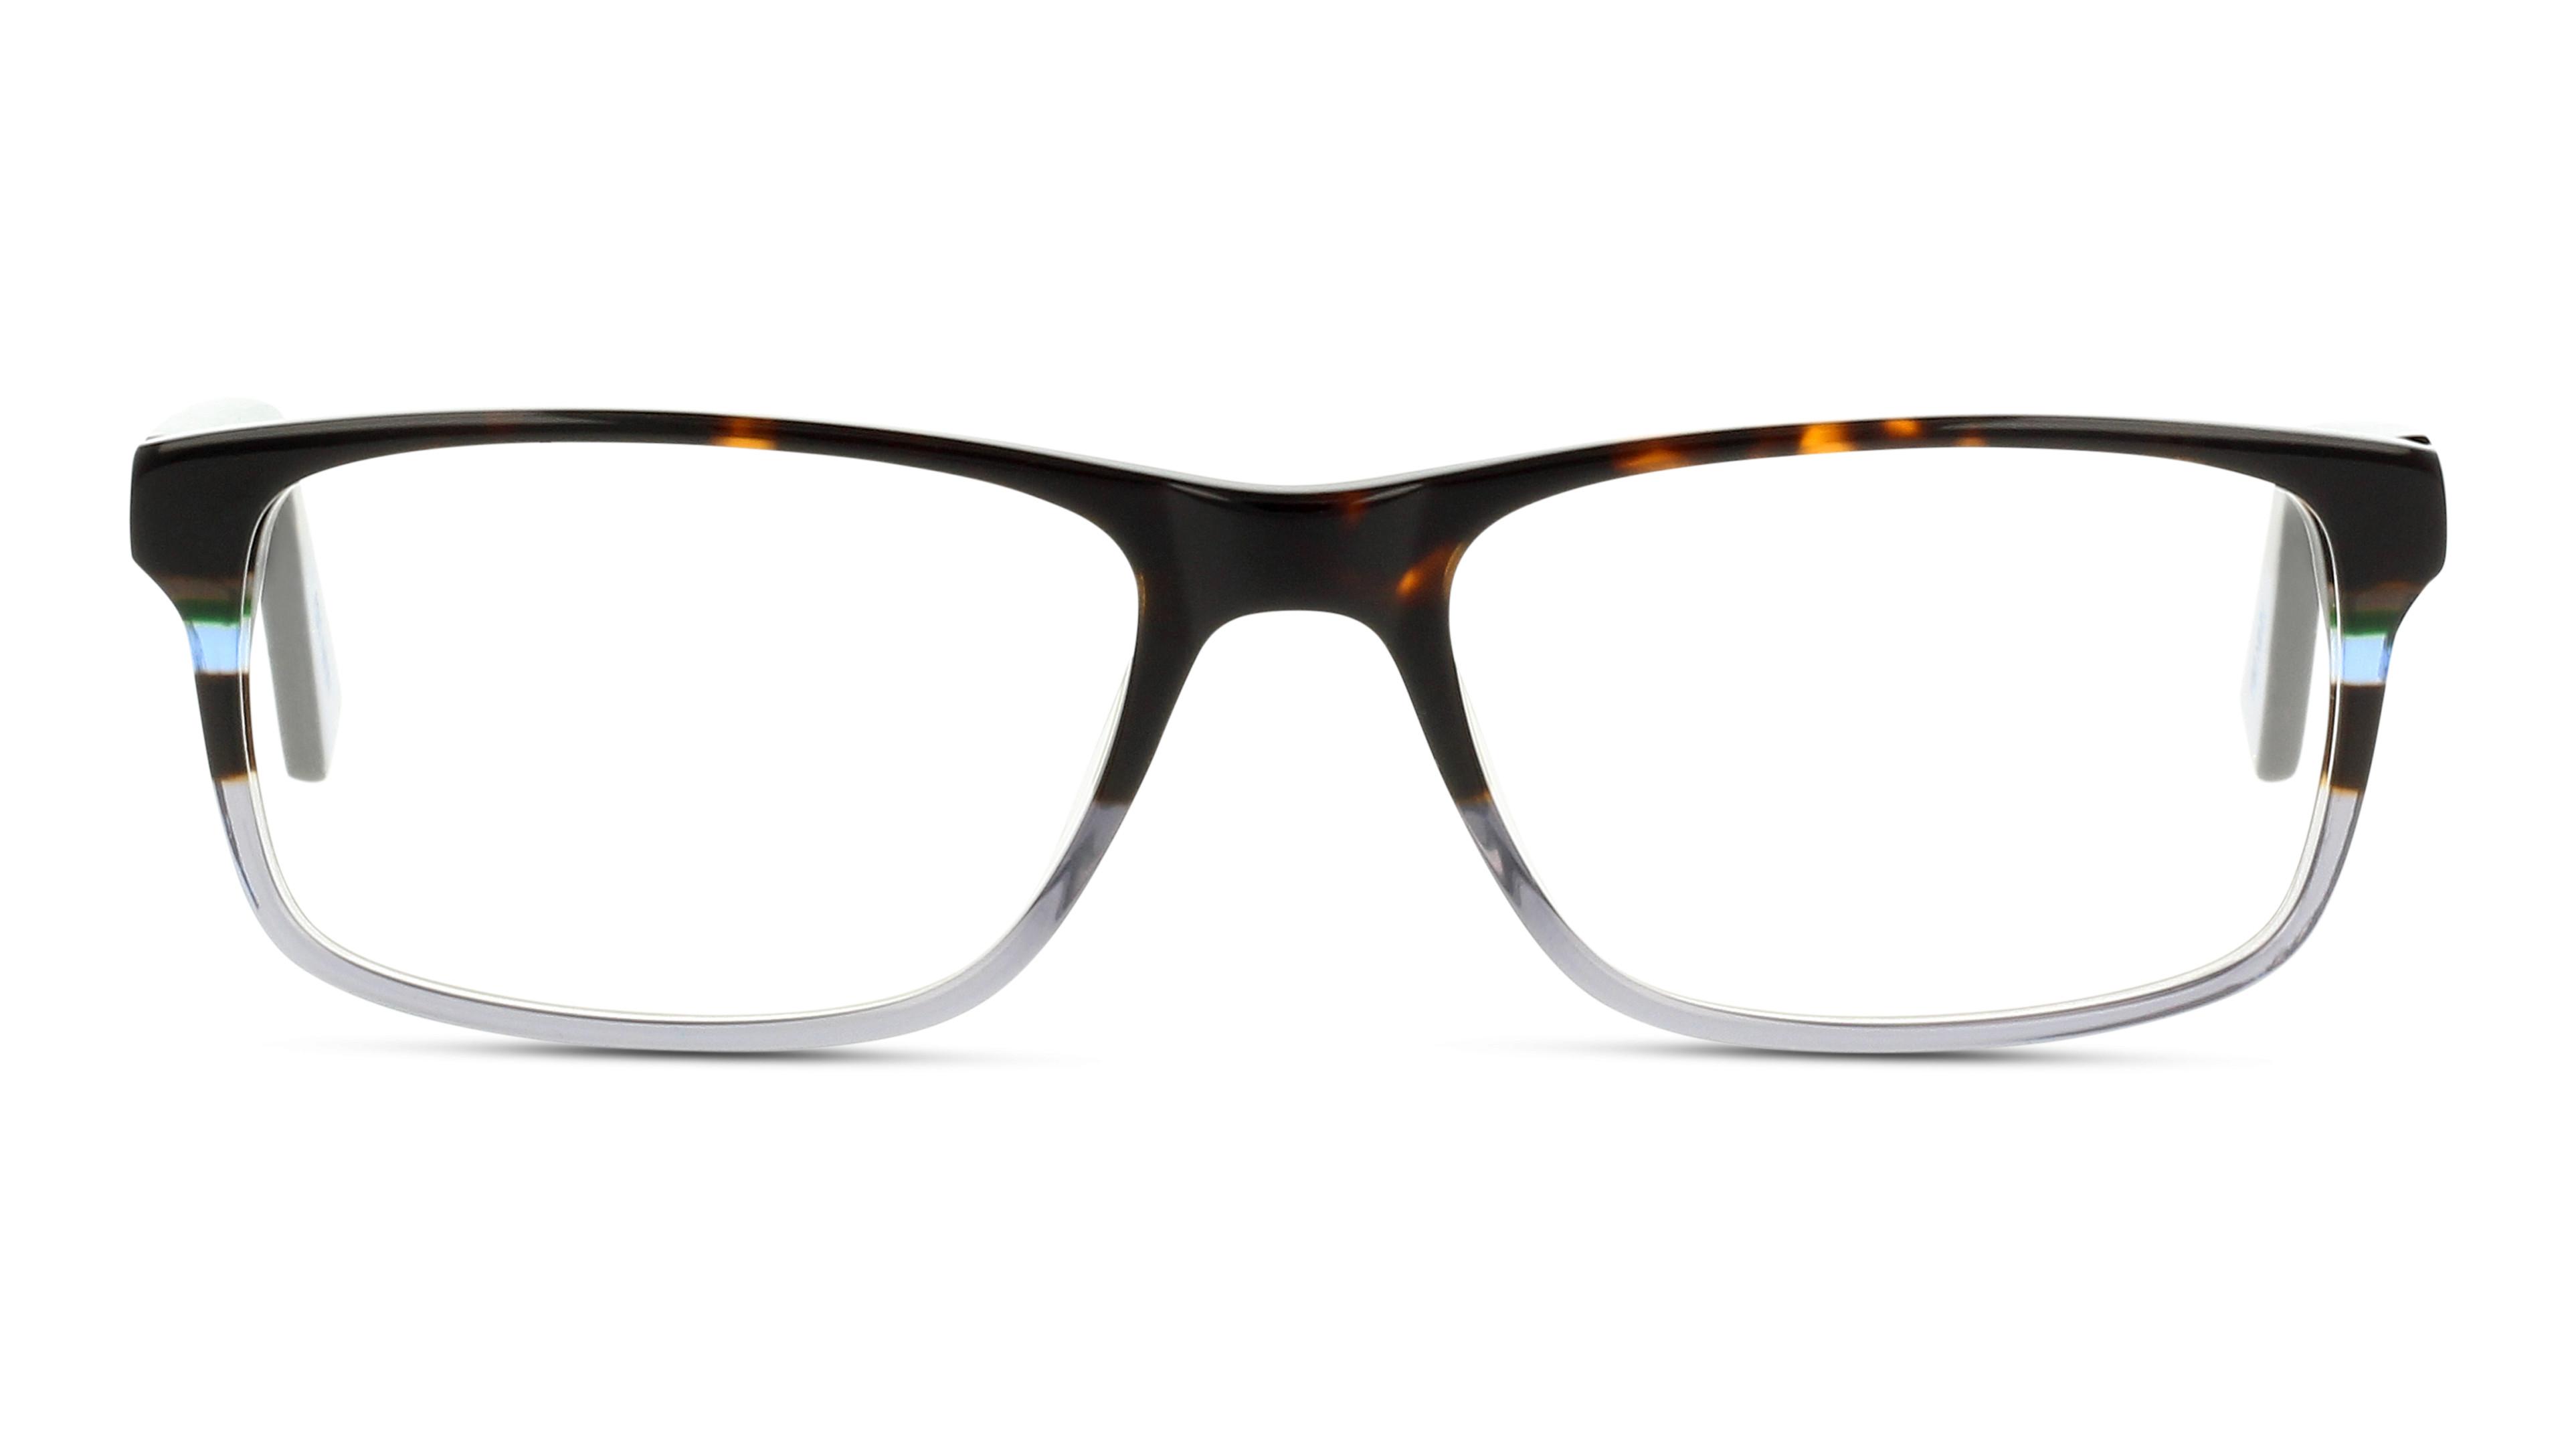 8719154585371-front-01-miki-ninn-mnkm04-eyewear-havana-navy-blue